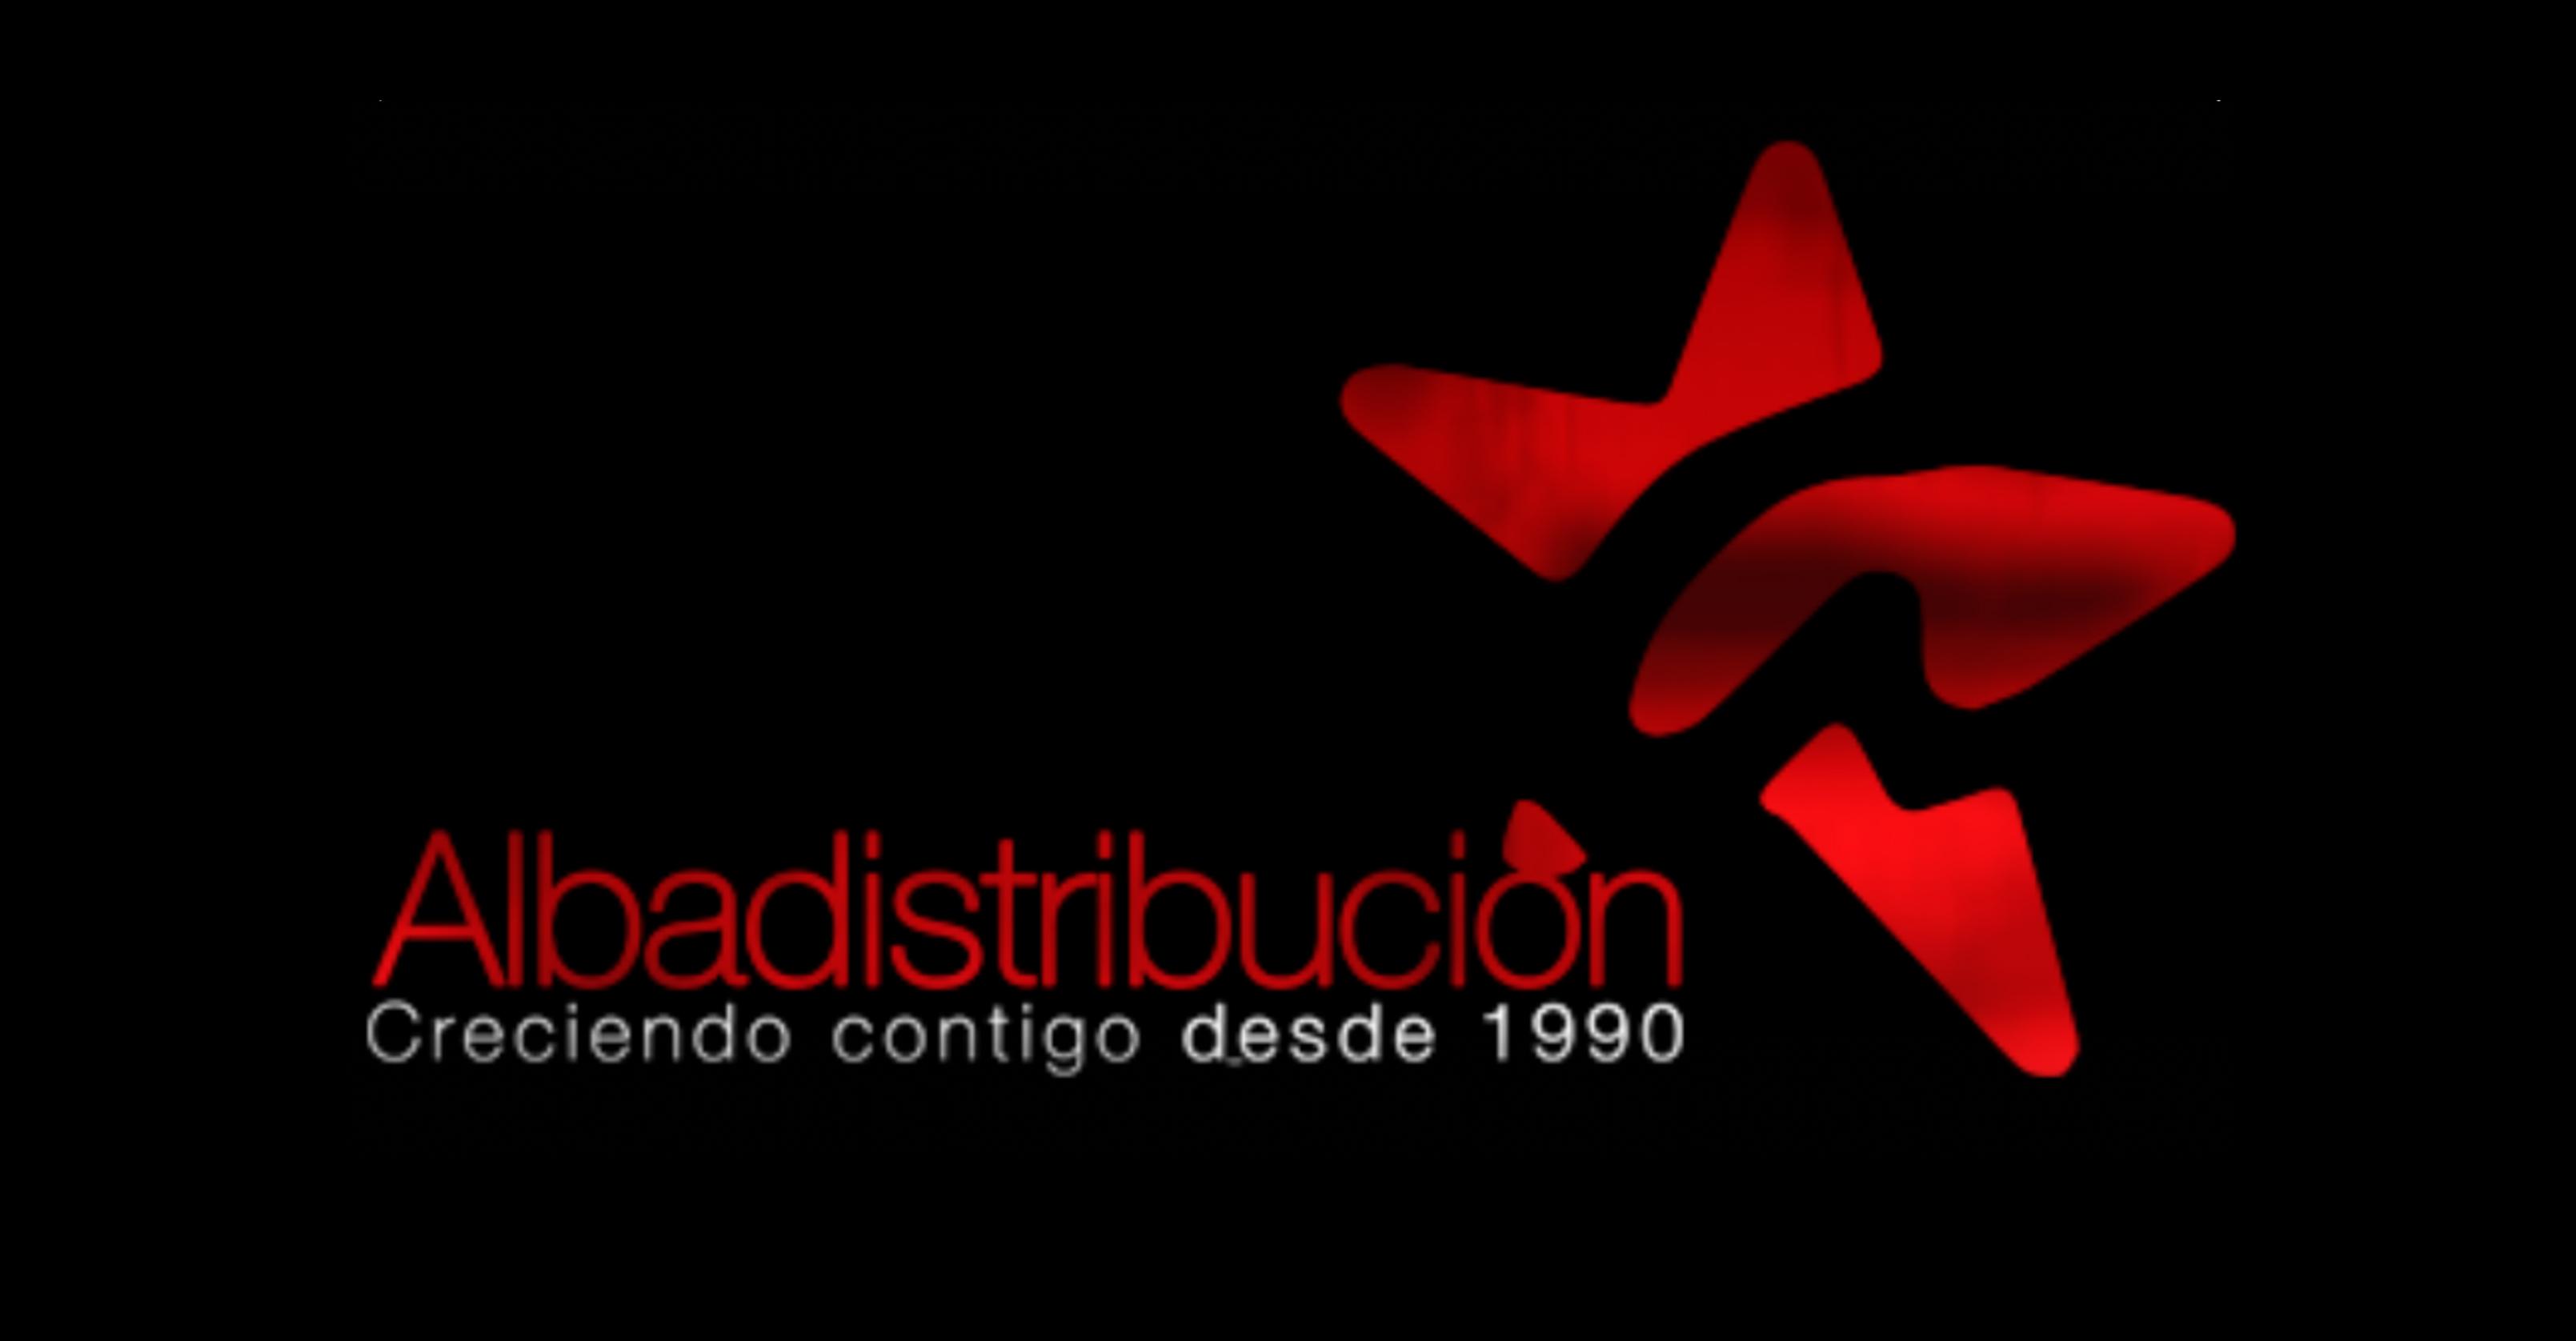 albadistribucion logo